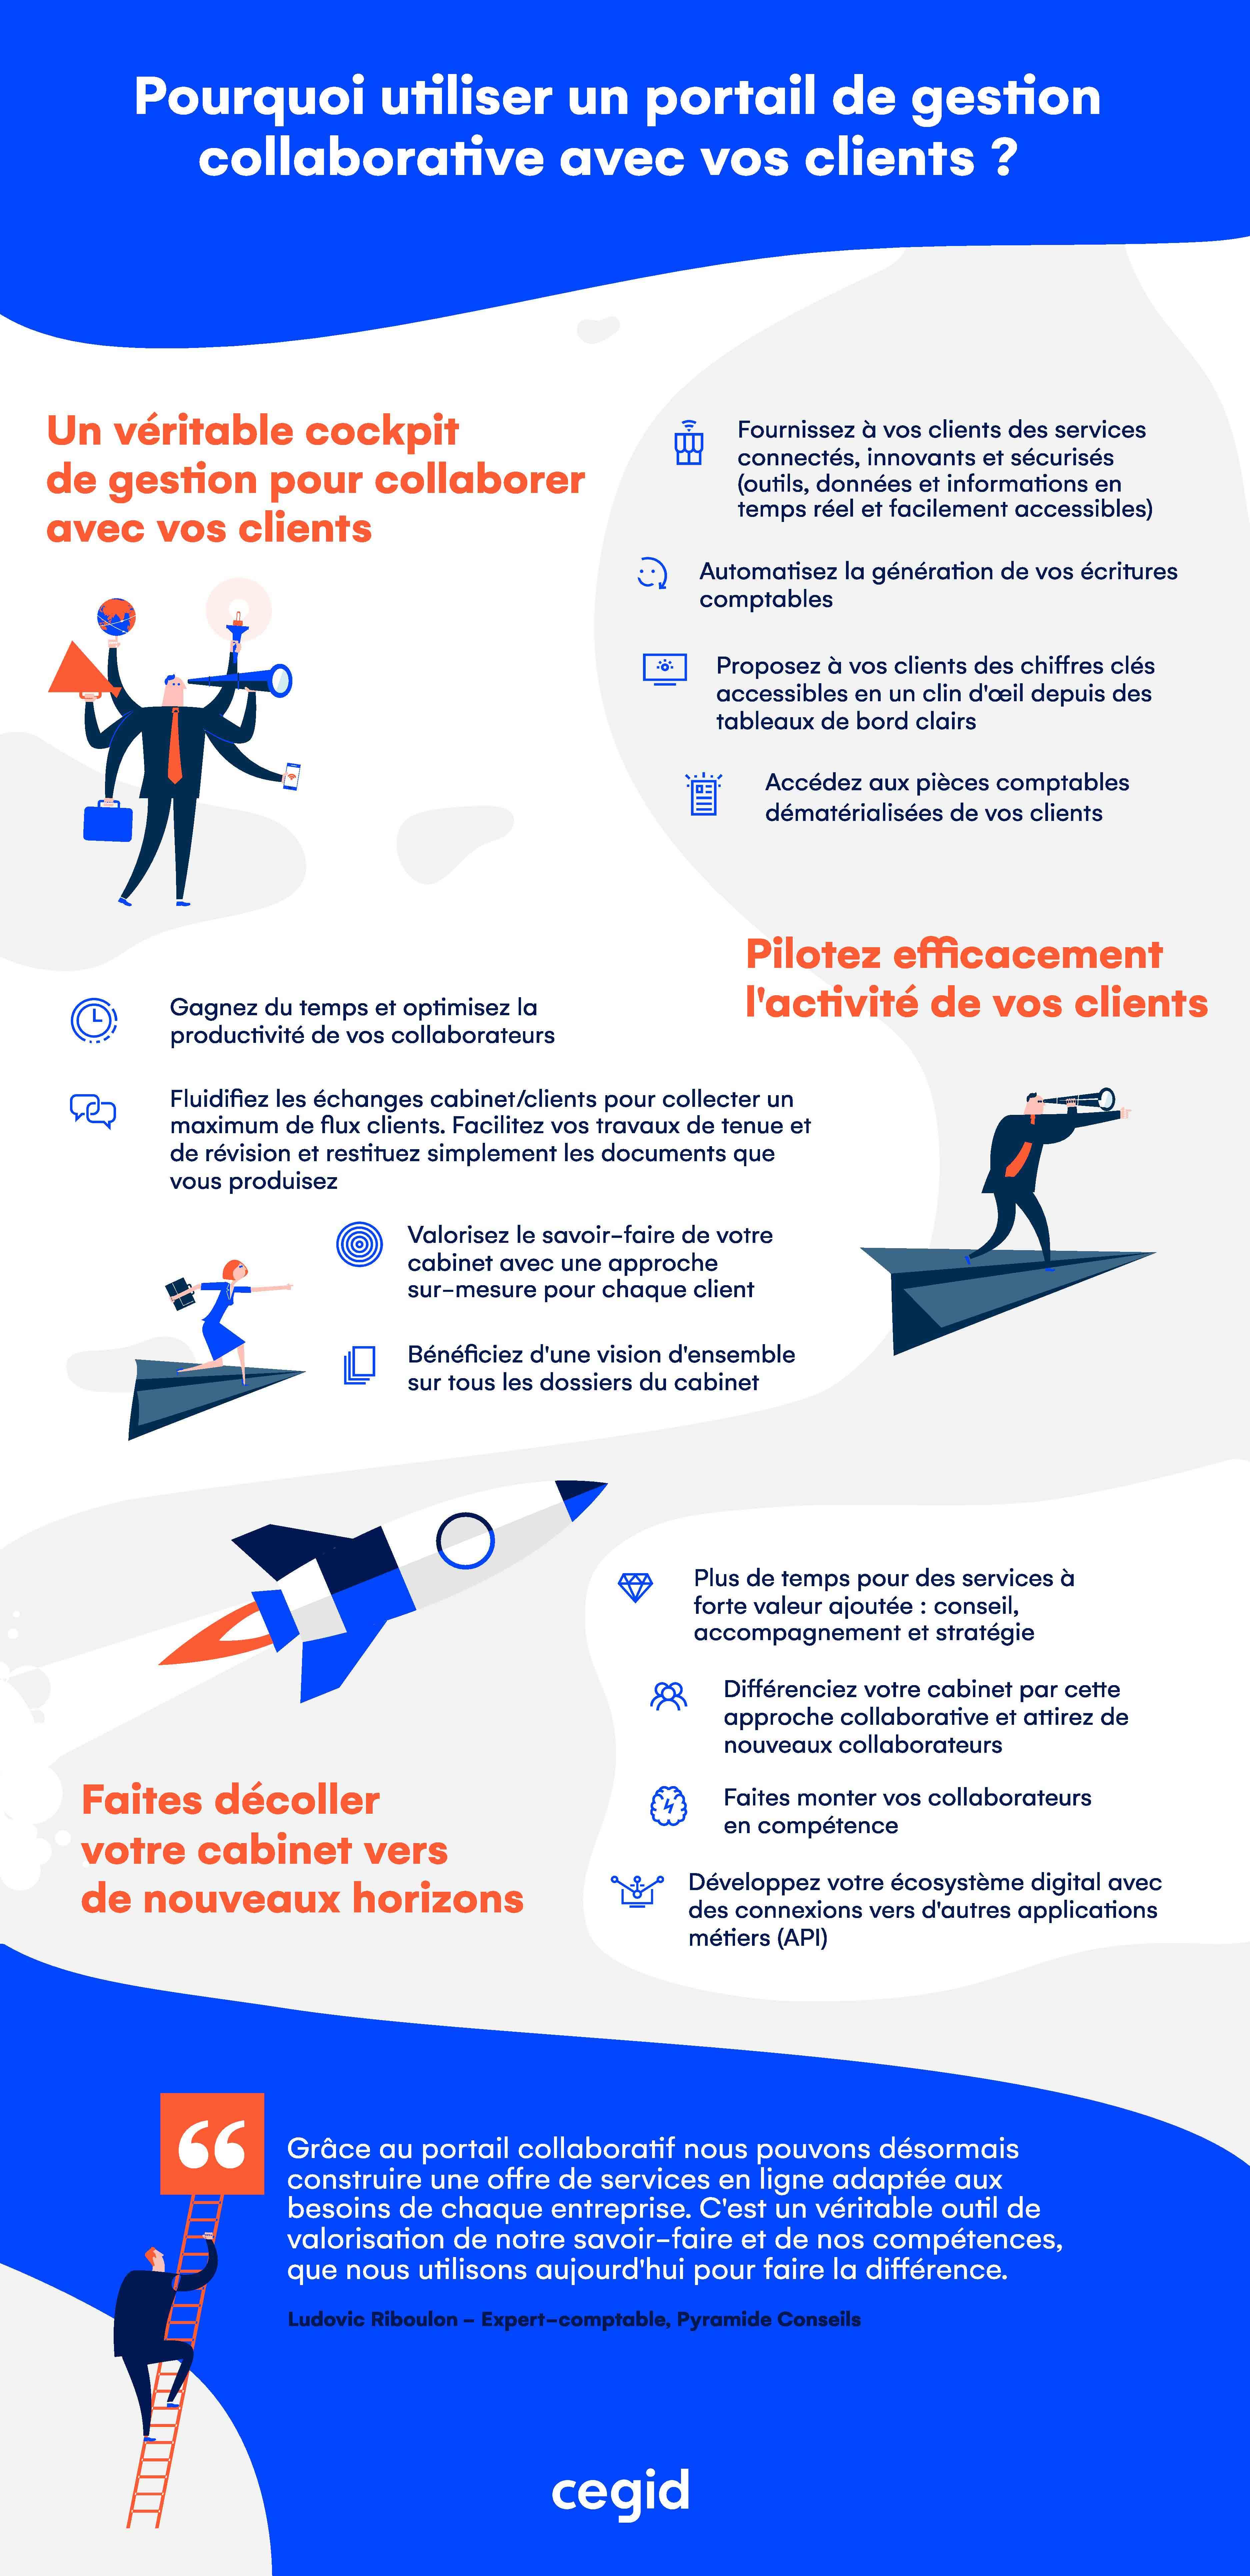 infographie portail de gestion collaborative